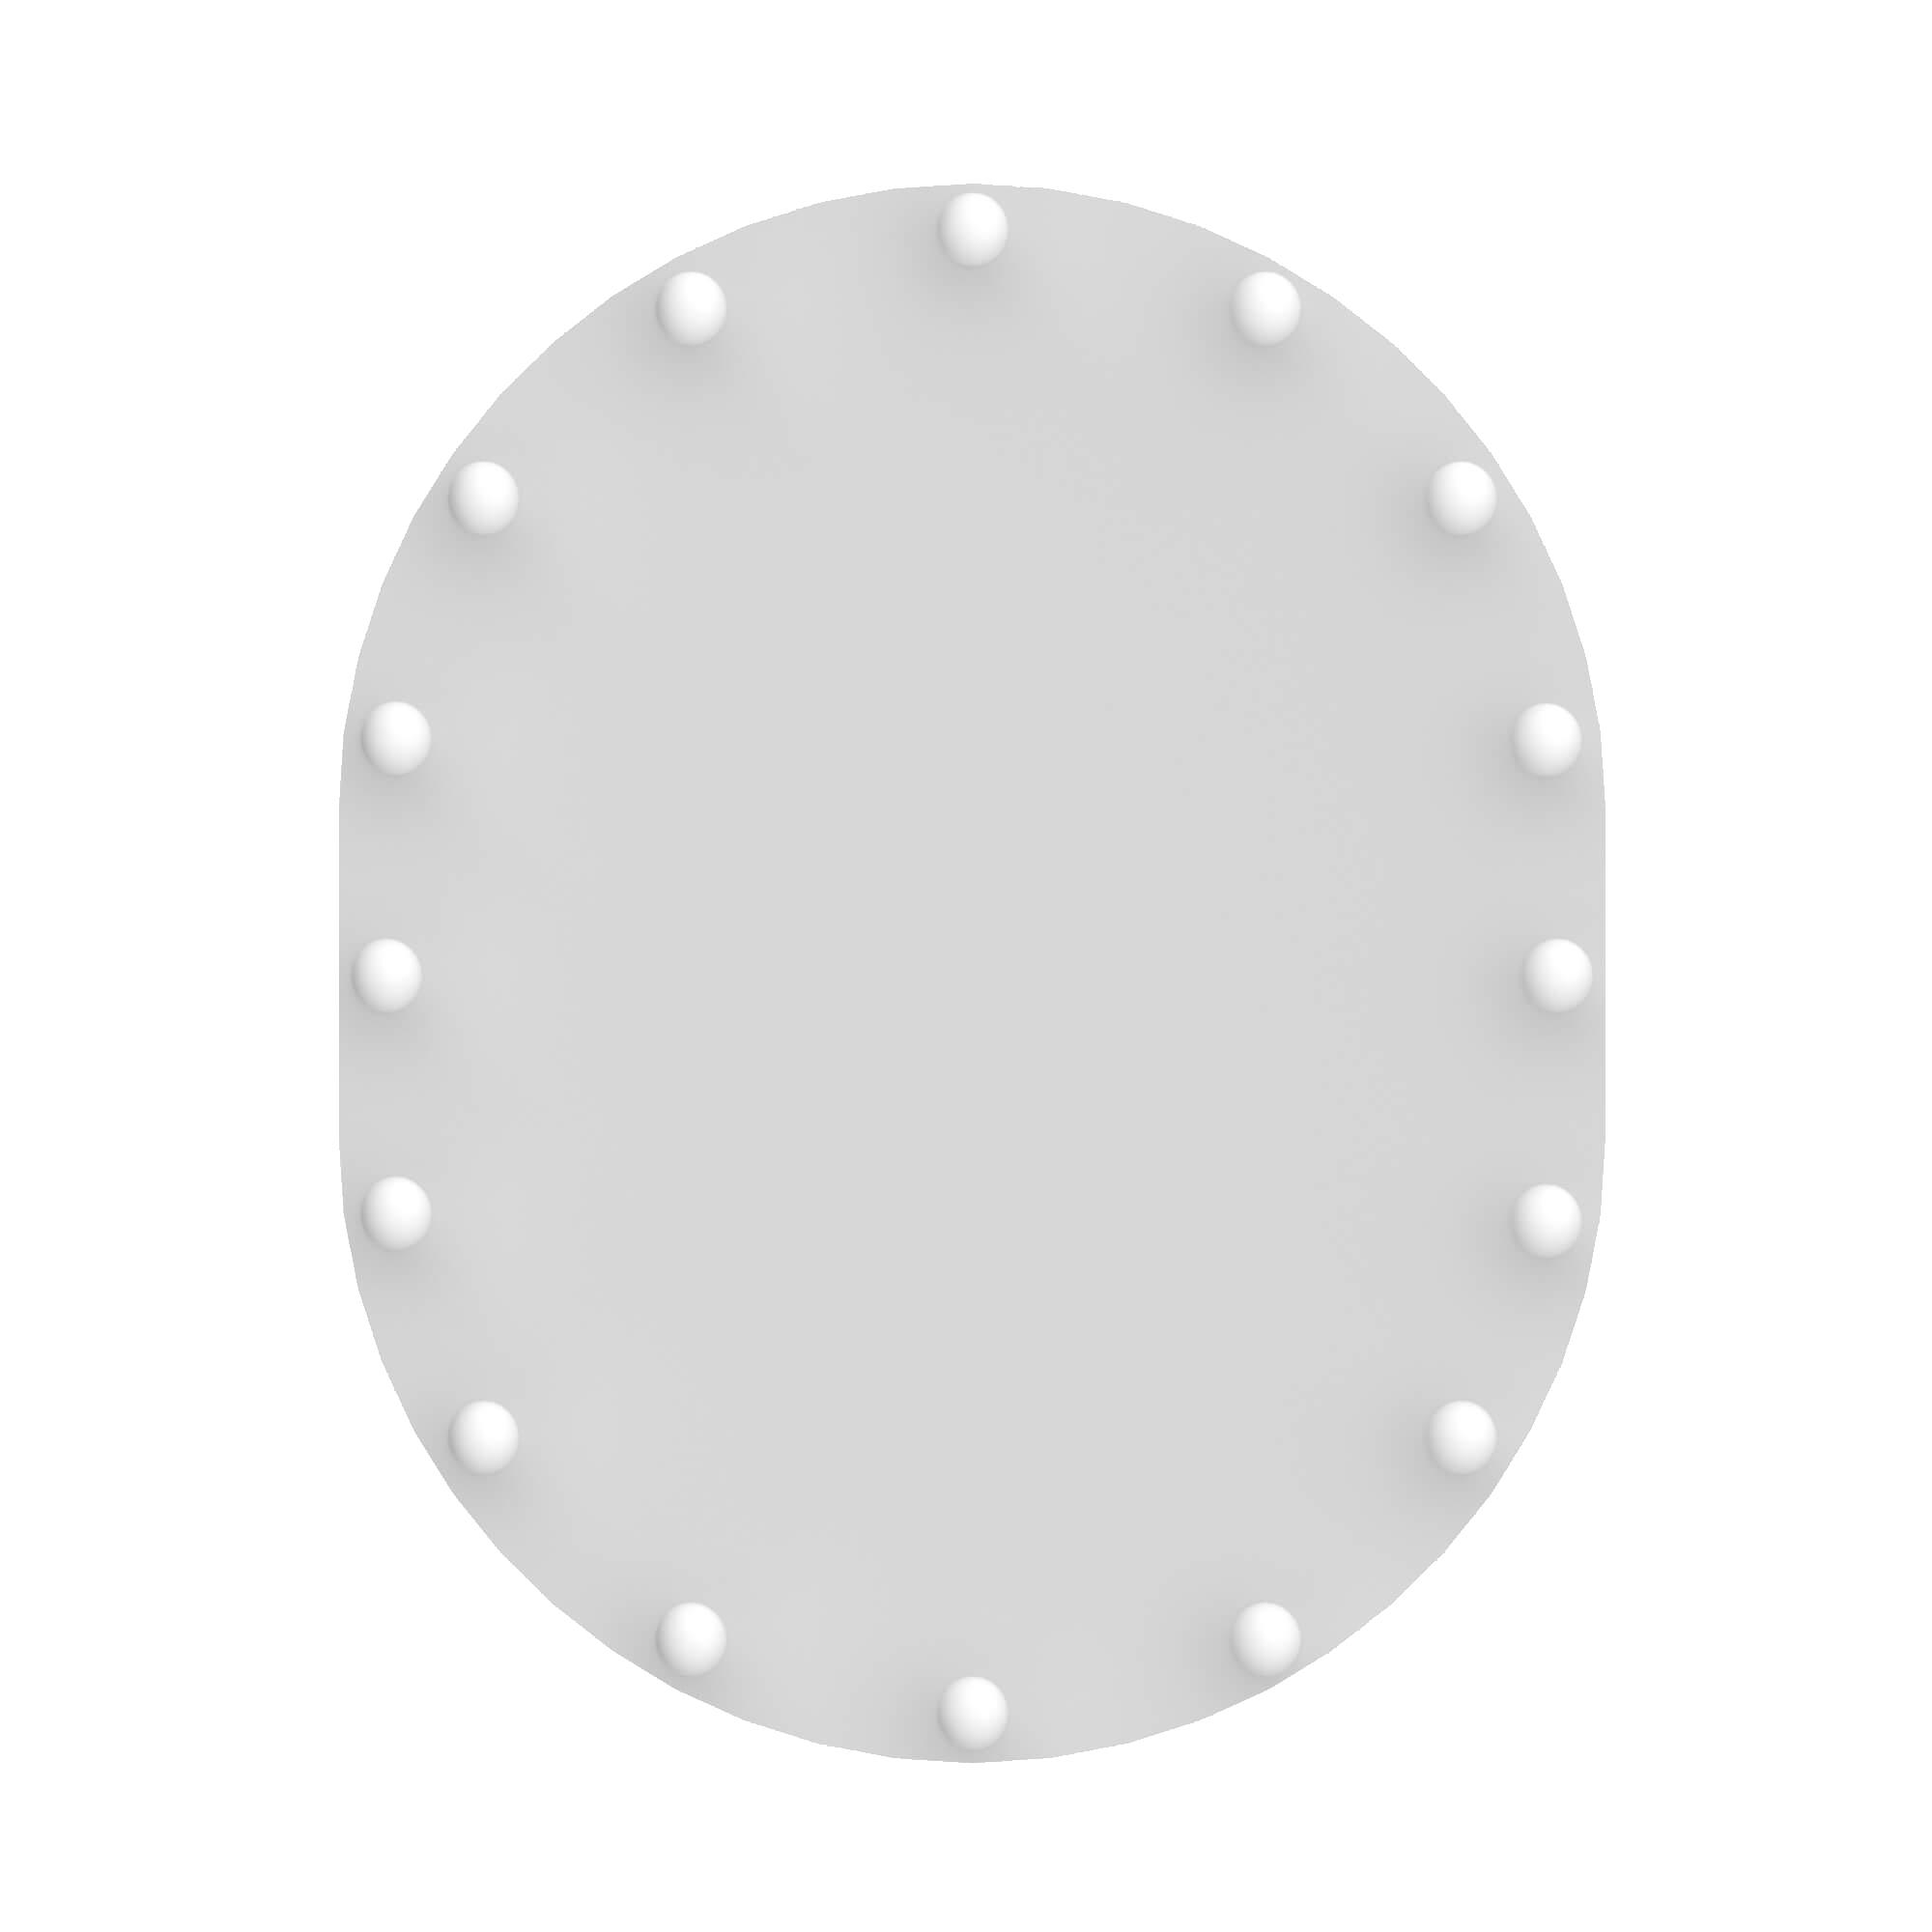 Model B (Oval)